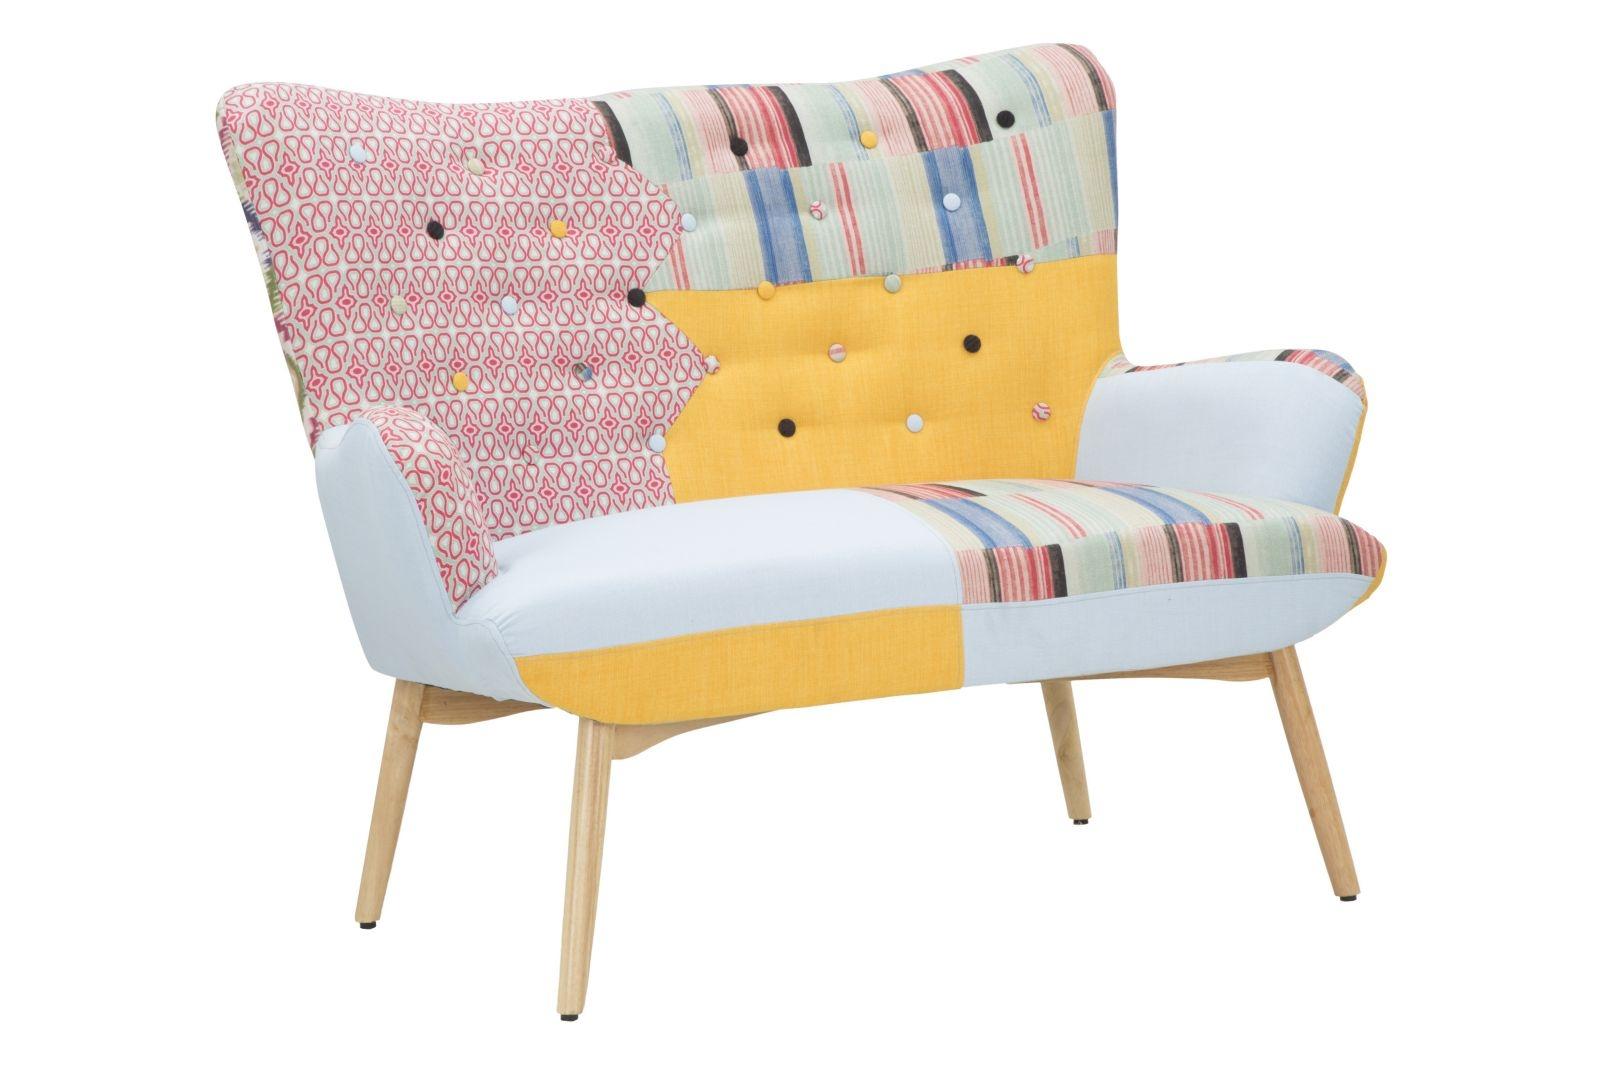 Canapea fixa tapitata cu stofa 2 locuri Birmingham New Patchwork Multicolor l130xA82xH102 cm